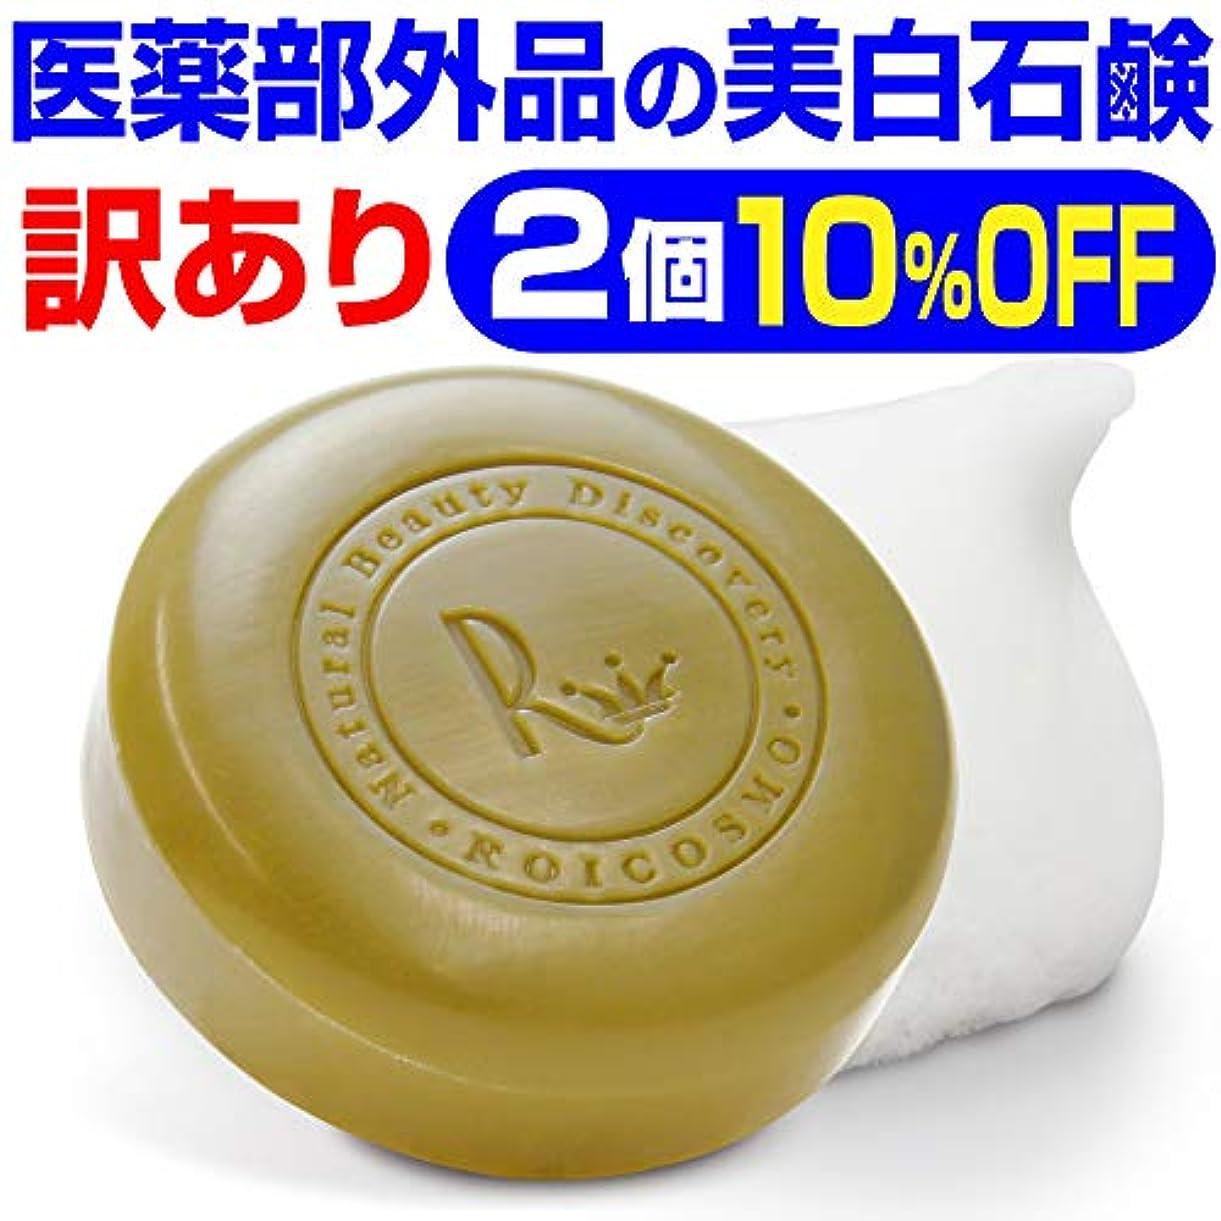 なのでくちばし邪魔する訳あり10%OFF(1個2,143円)売切れ御免 ビタミンC270倍の美白成分の 洗顔石鹸『ホワイトソープ100g×2個』